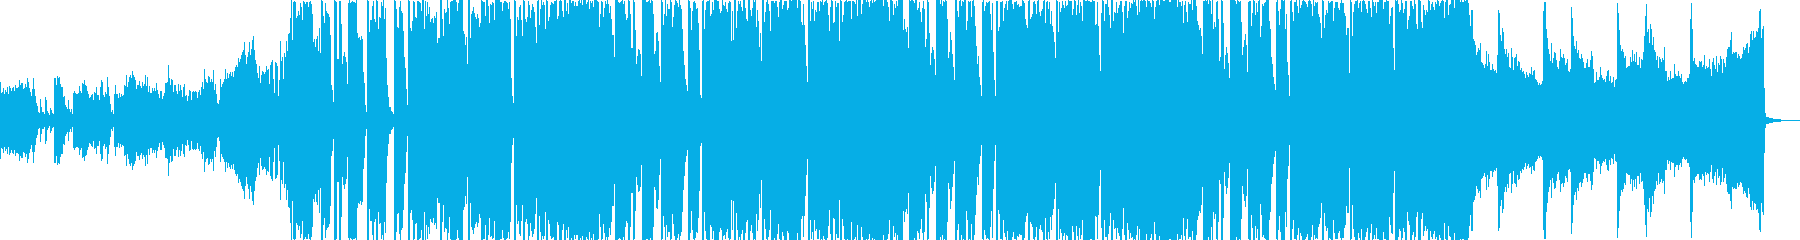 おしゃれで明るいエレクトロの再生済みの波形